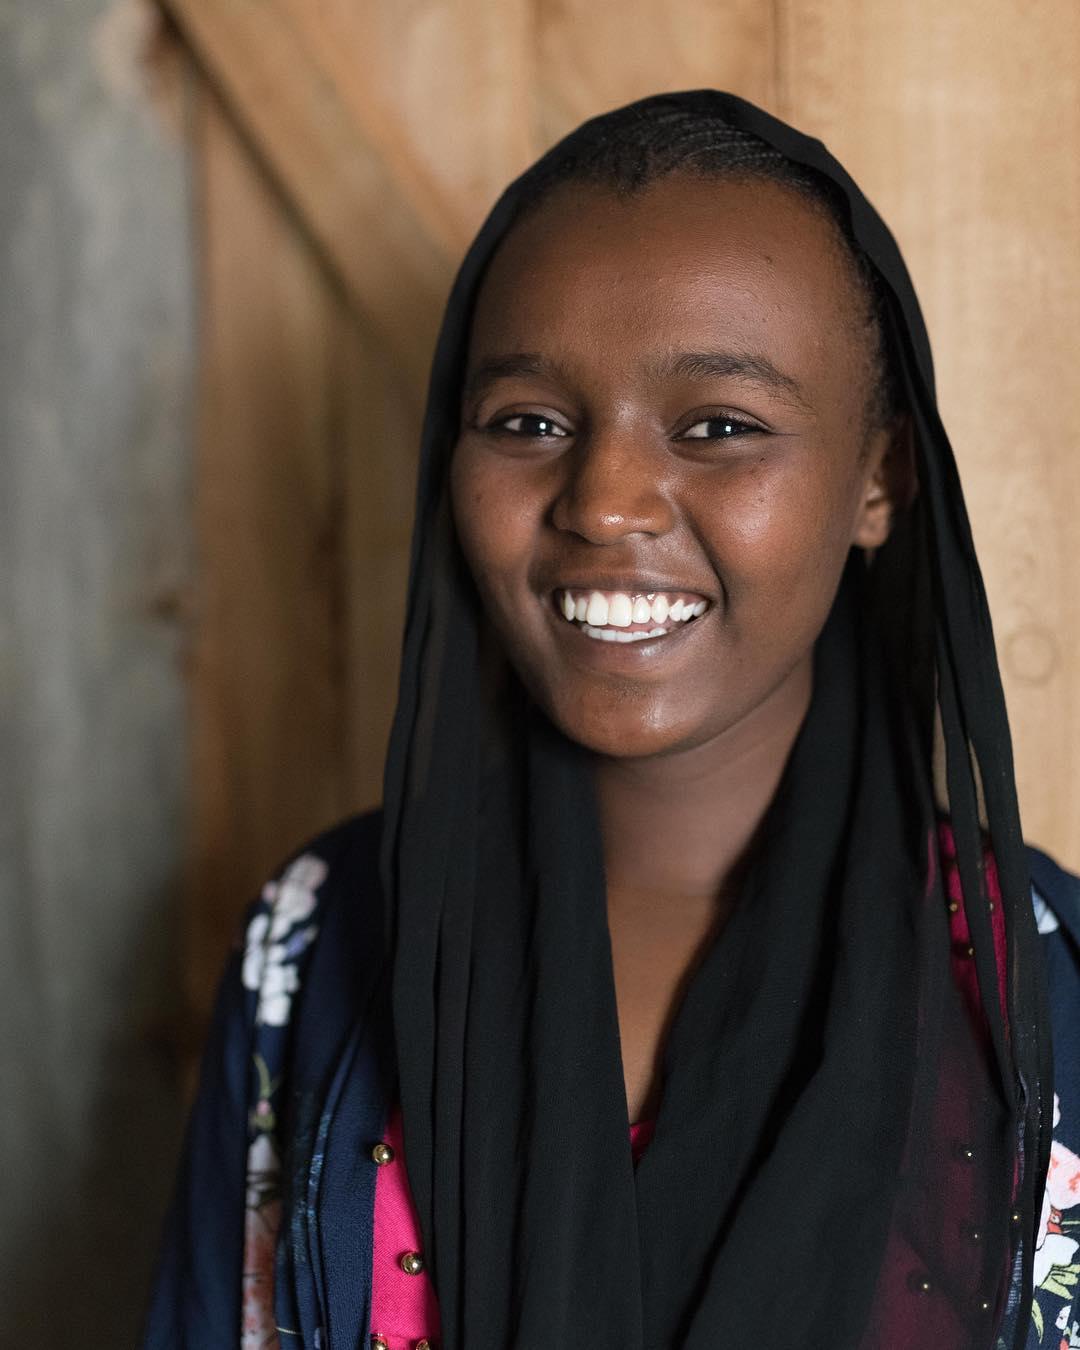 Khalifa, age 16. #KijijiChaUpendo